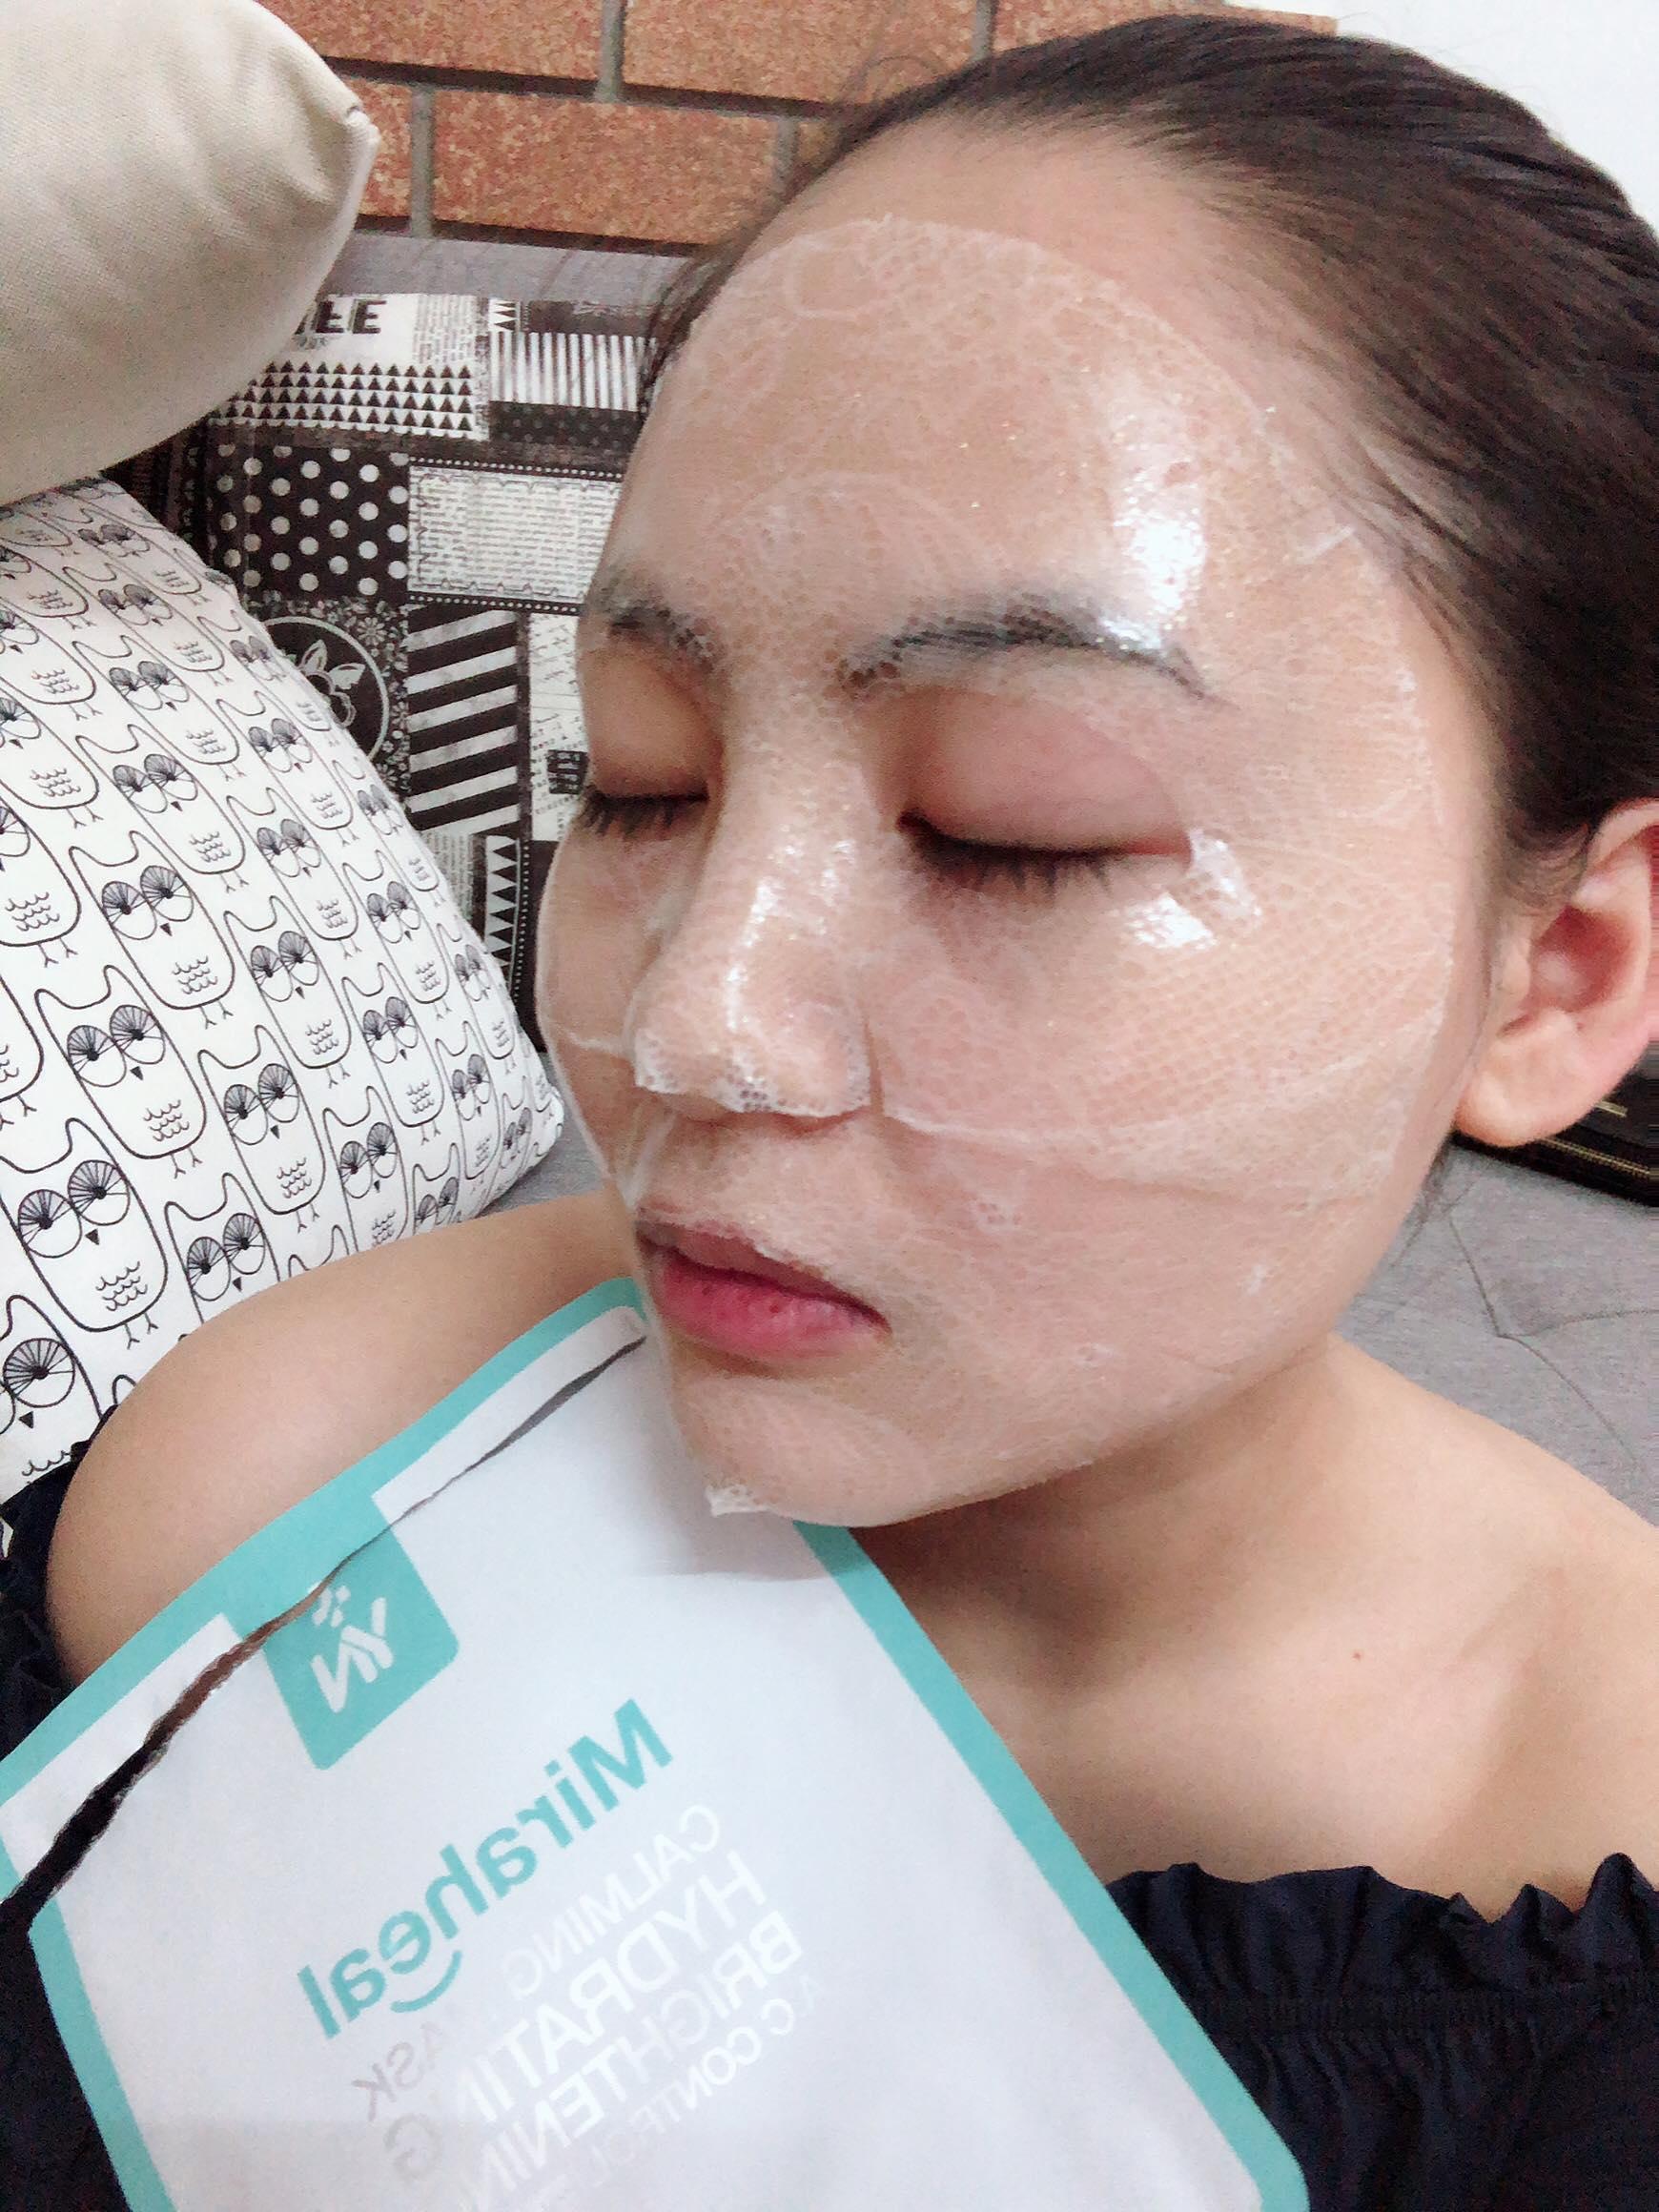 Mặt nạ dược mỹ phẩm là lựa chọn an toàn cho da nhạy cảm